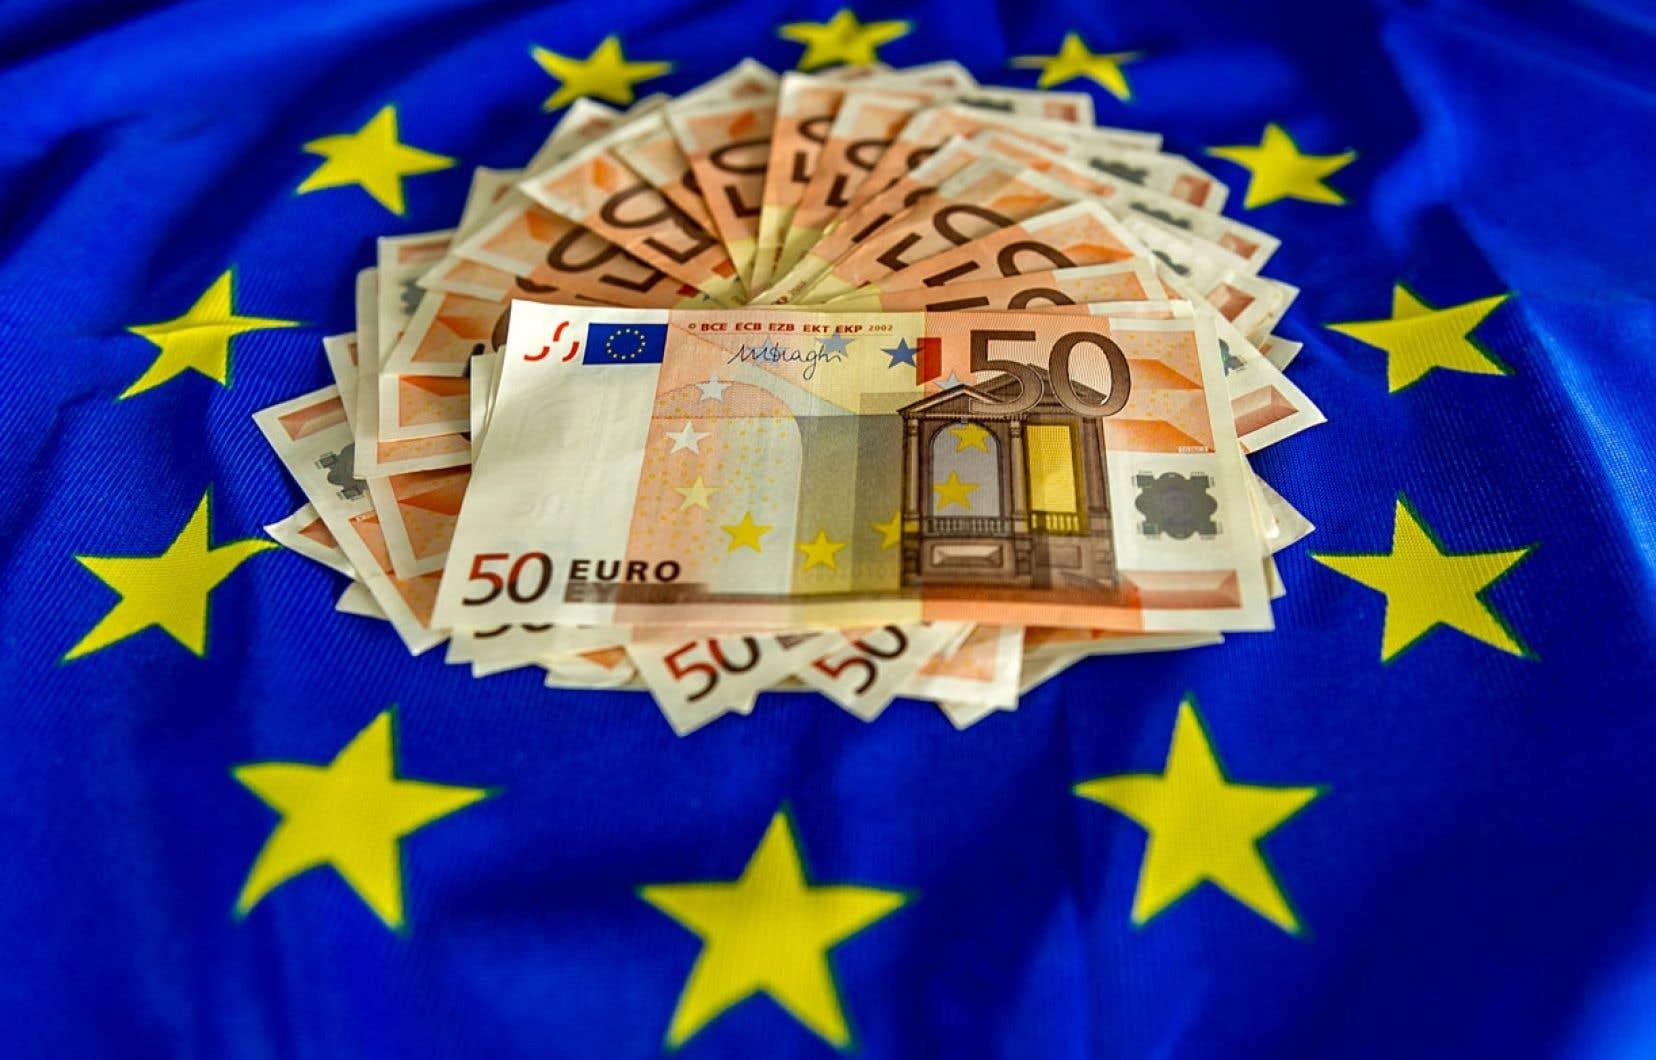 La dette publique de la zone euro s'est élevée au premier trimestre 2014 à 9055,5 milliards d'euros, selon Eurostat.